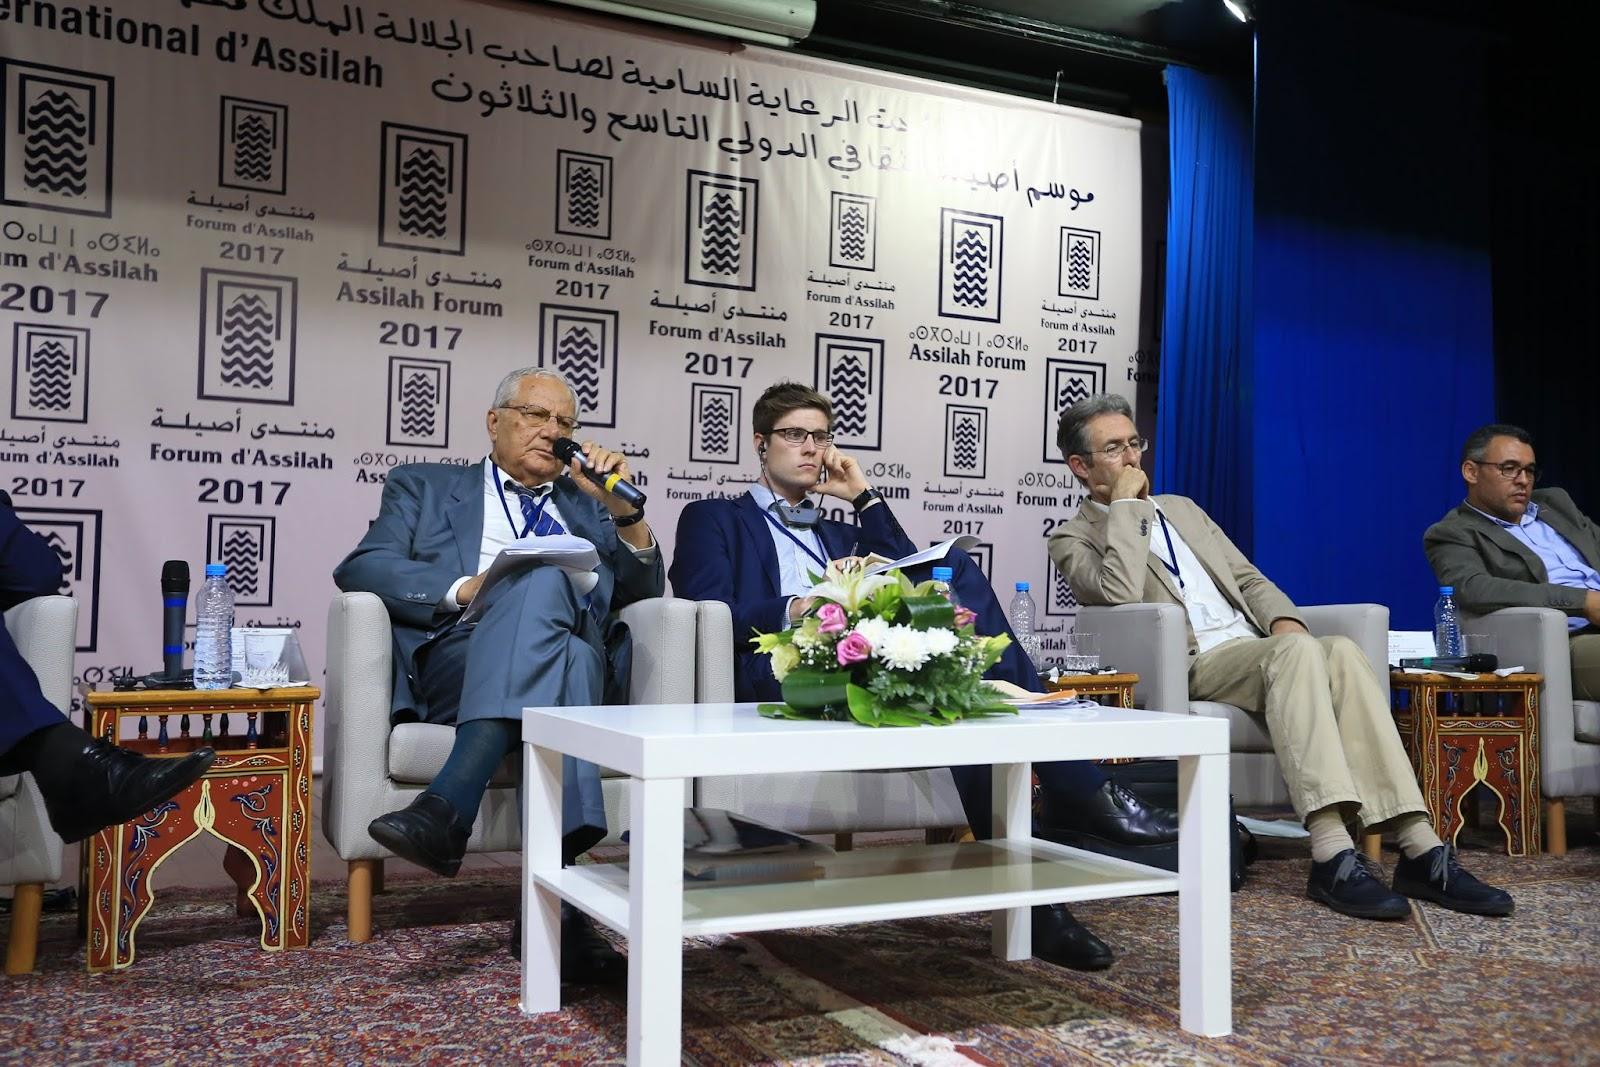 2017-7-18 المساء الندوة المسلمون في الغرب Day 2